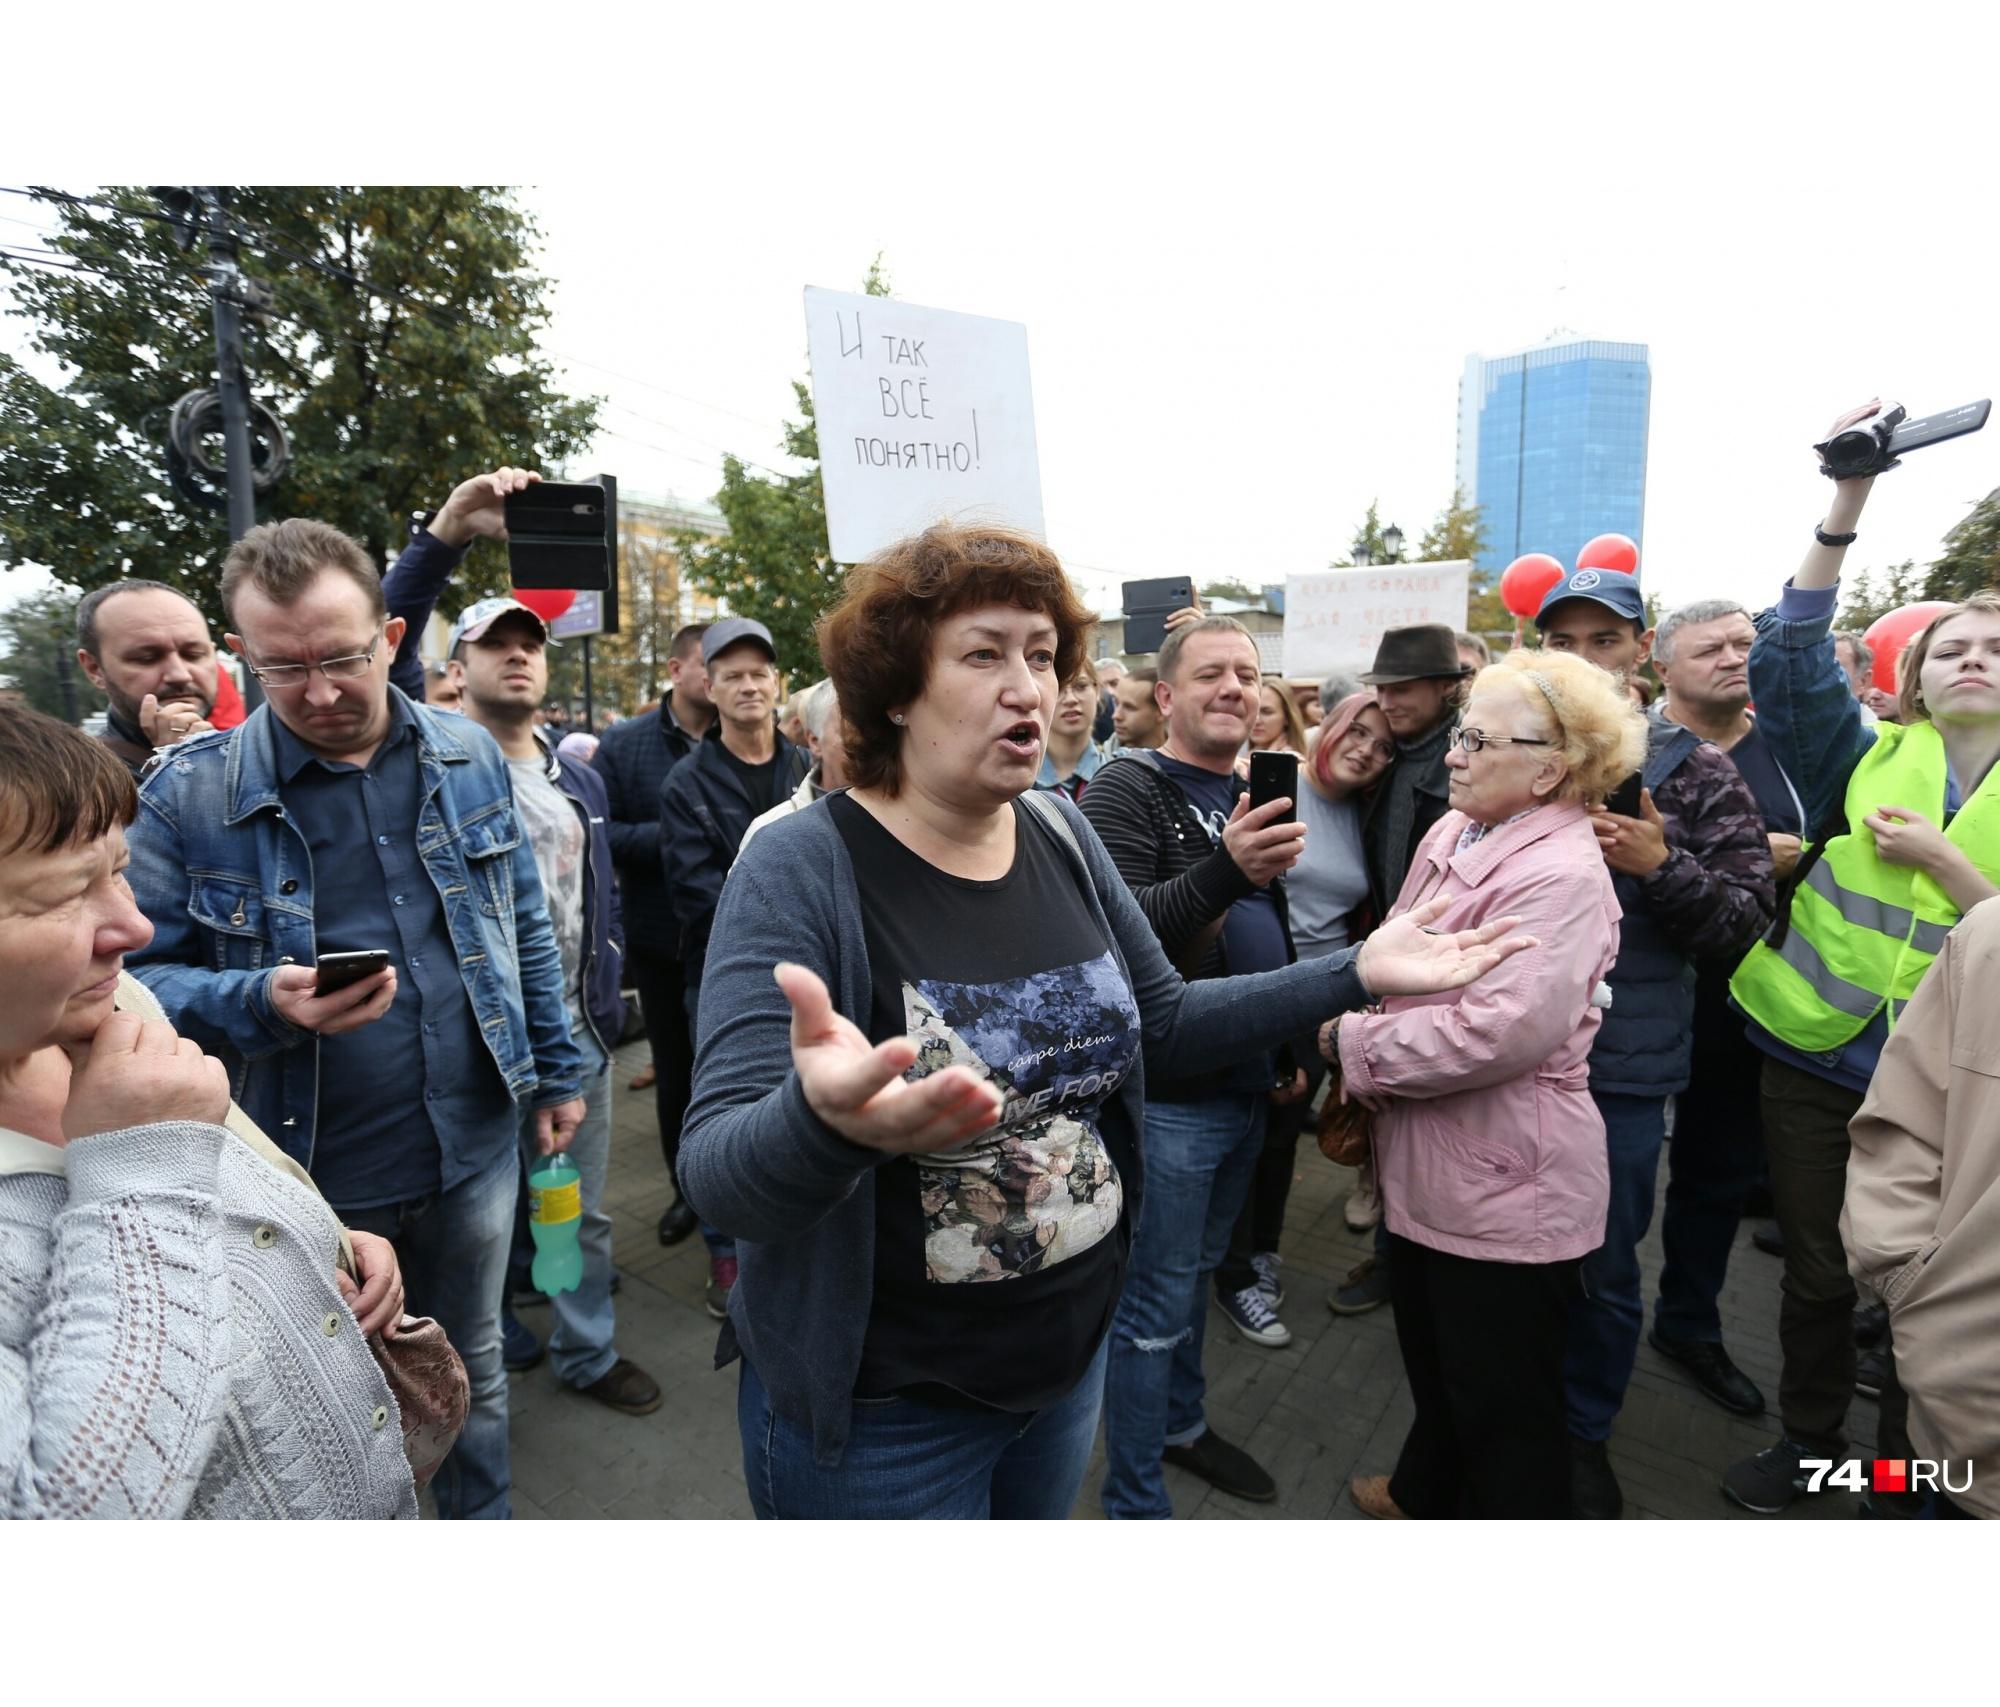 Горожане активно высказываются против реформы